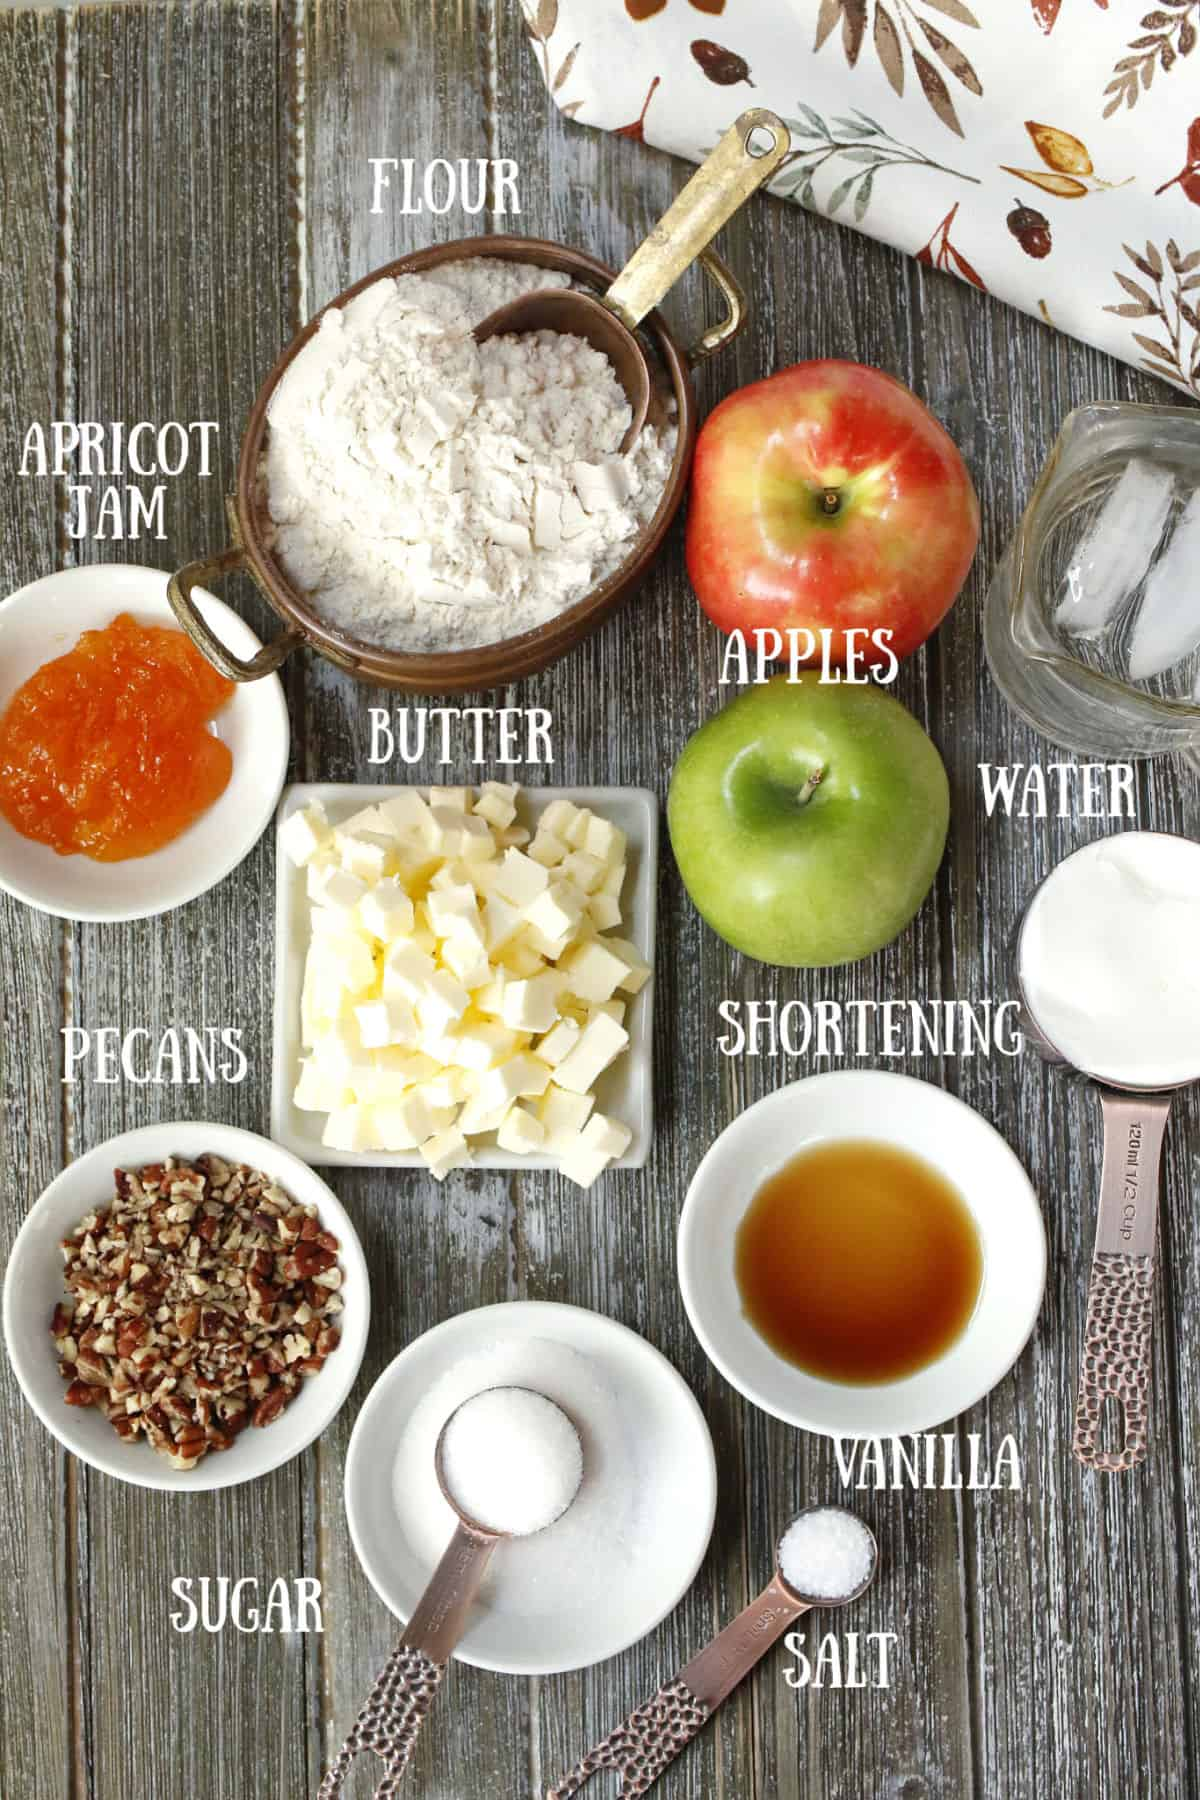 Ingredients for an apple pecan tart.